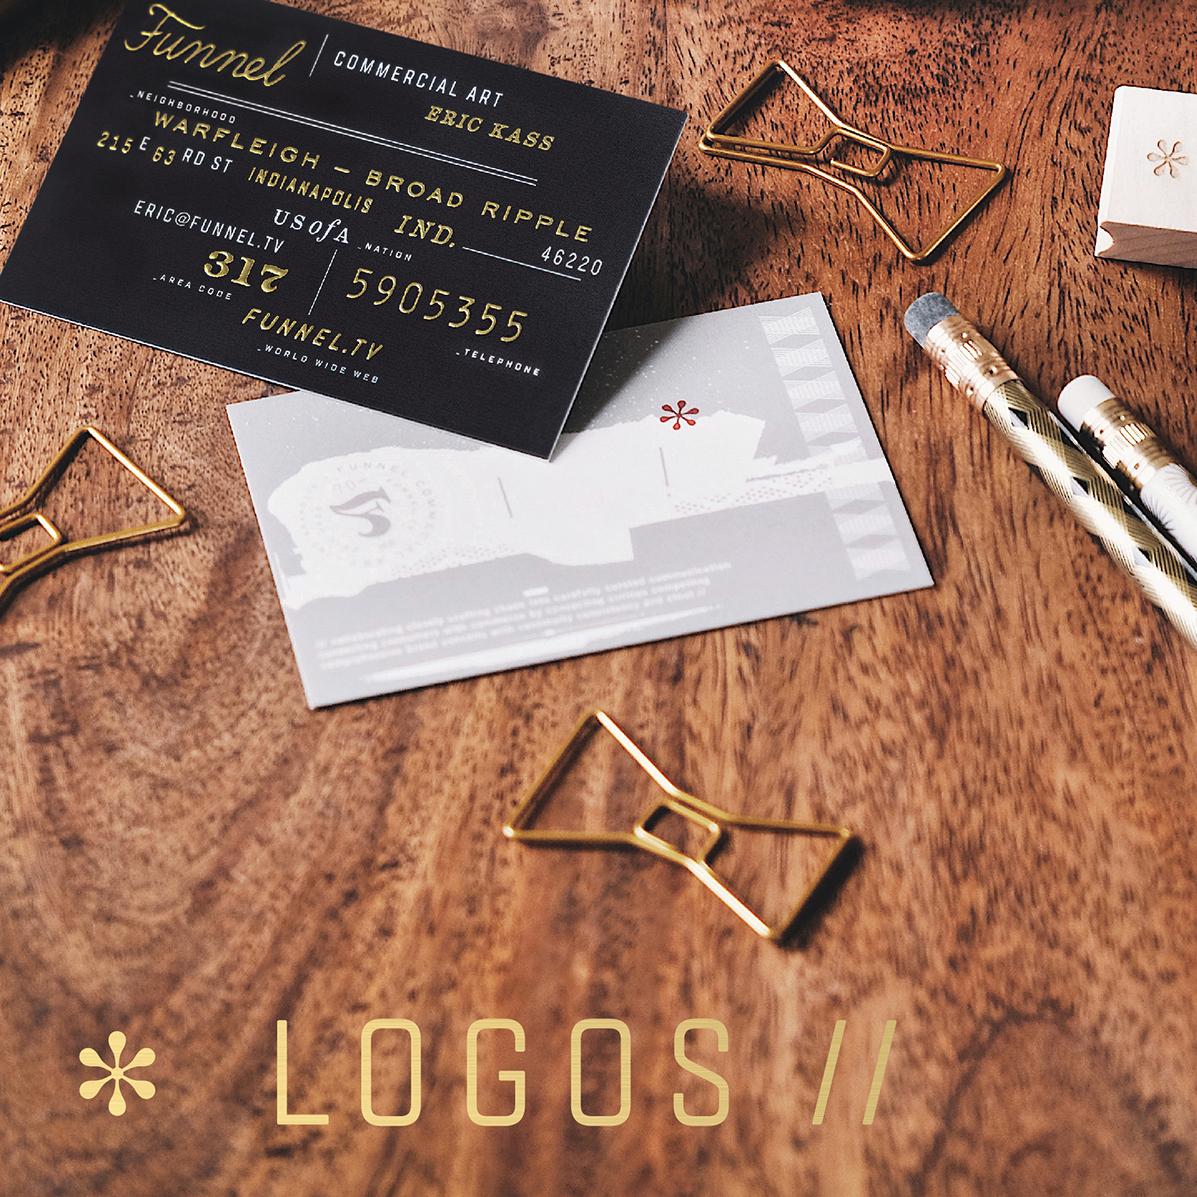 Logos _ Funnel.tv | Eric Kass